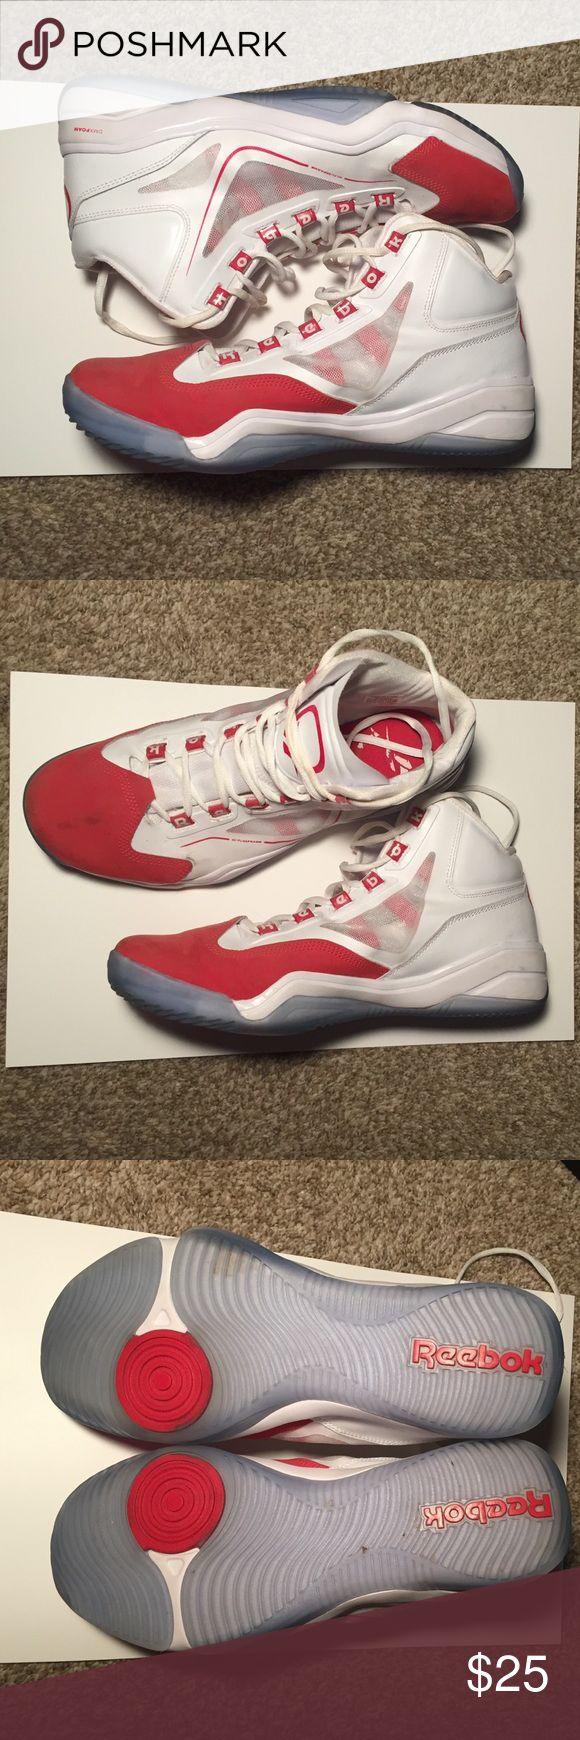 Allen Iverson Reebok shoes size 11.5 men Allen Iverson Reebok basketball shoes size 11.5 men. Excellent condition, worn once Reebok Shoes Athletic Shoes